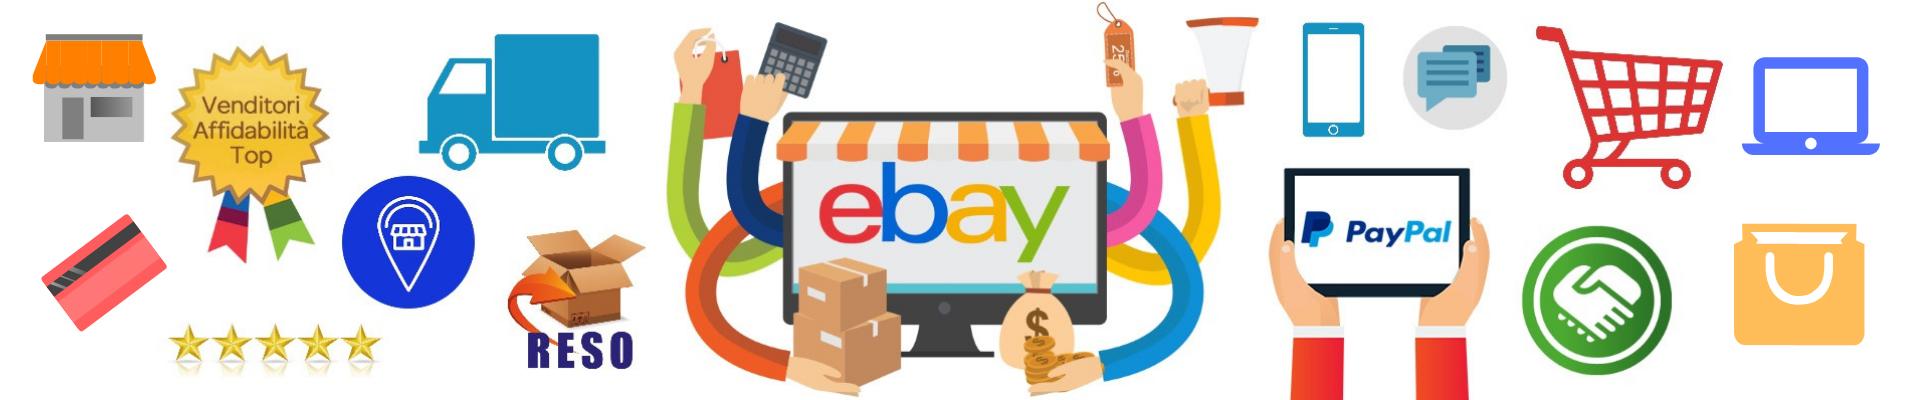 fare acquisti sicuri su ebay